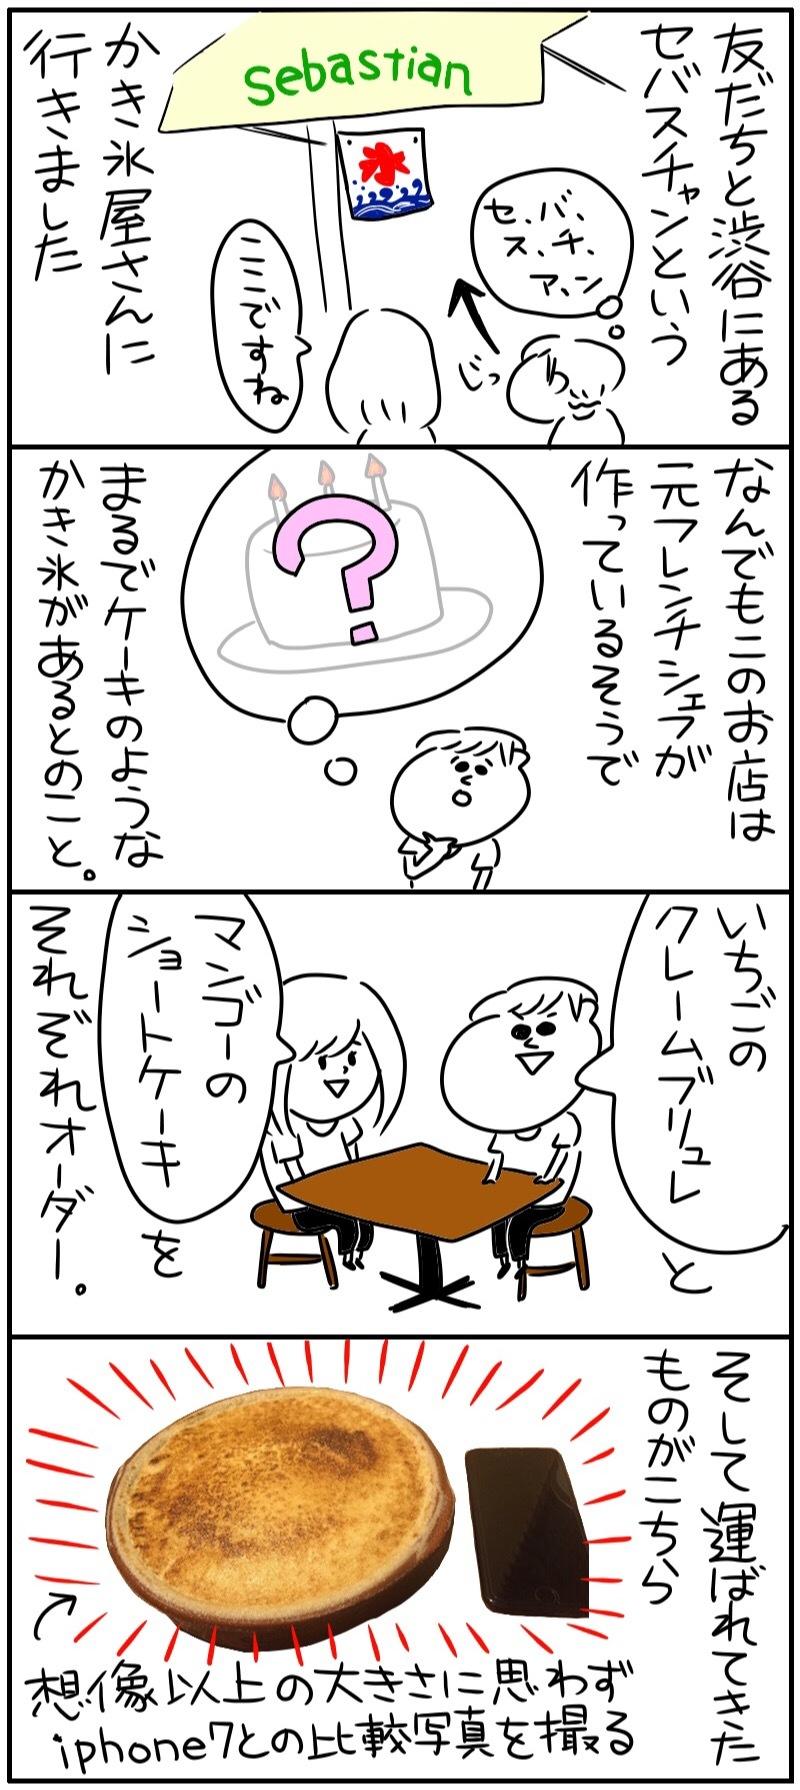 ほしみの飯道楽〜セバスチャン〜_f0346353_17313313.jpg